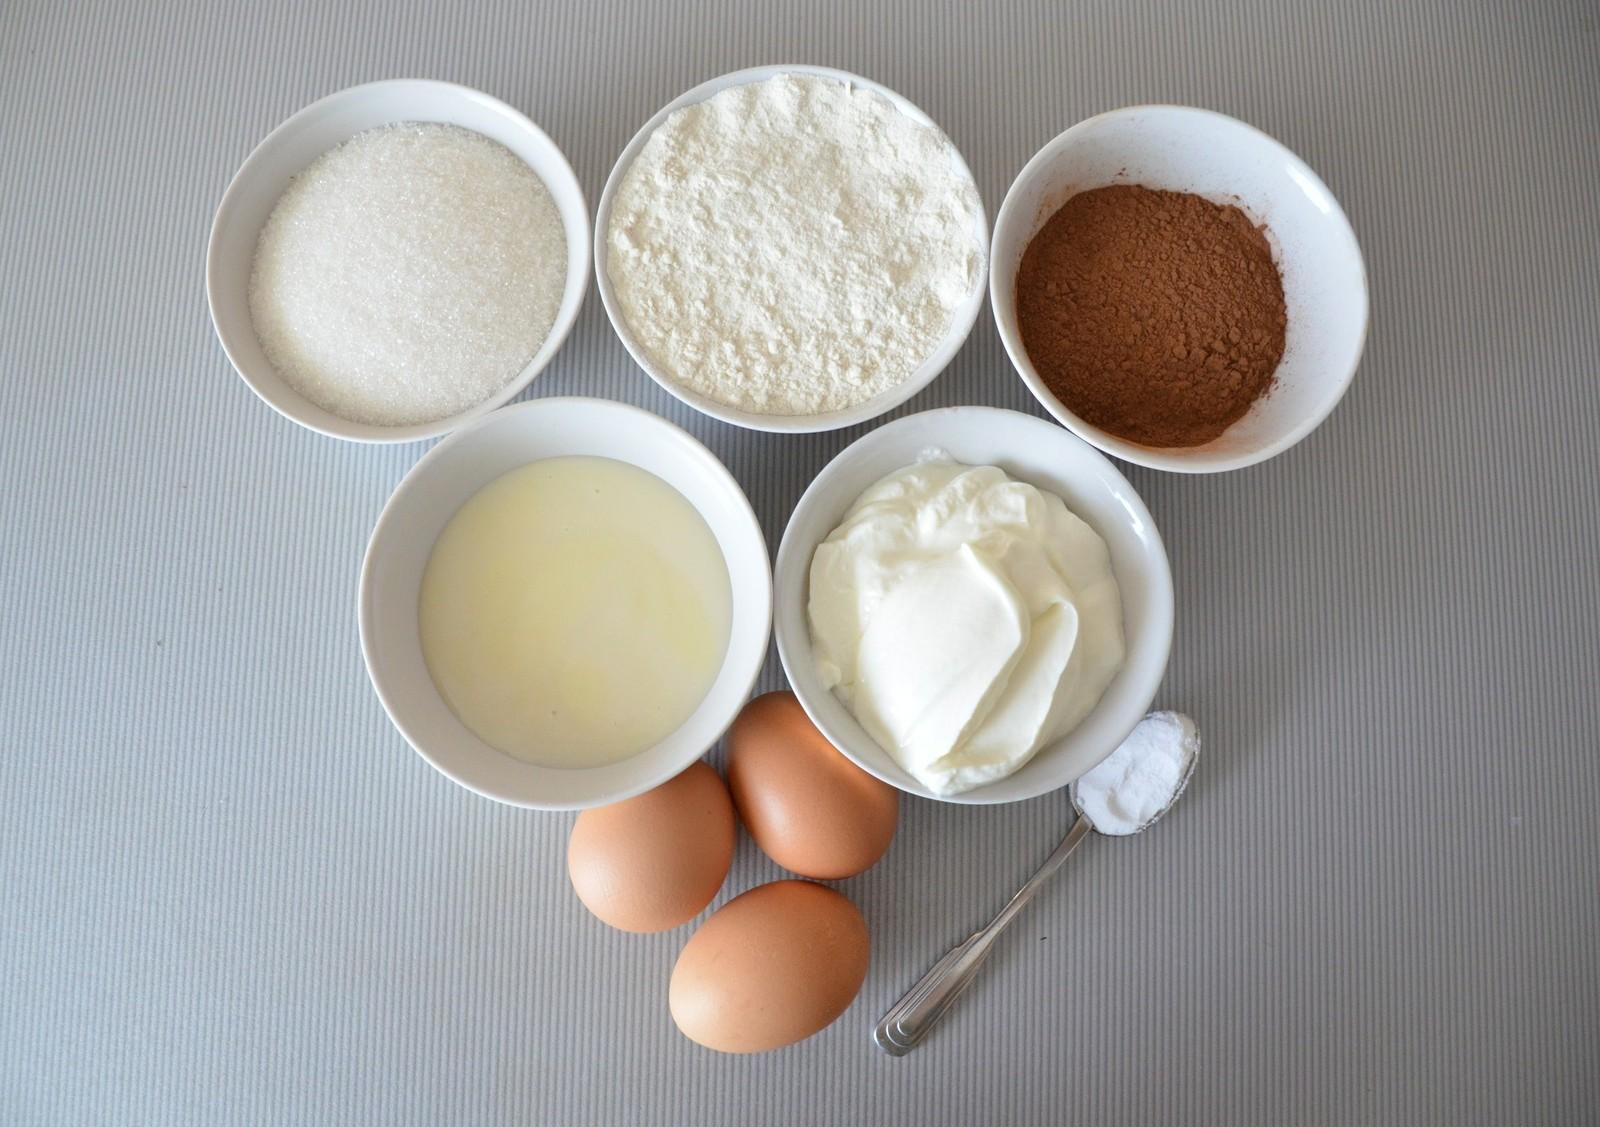 Фото необходимые продукты.